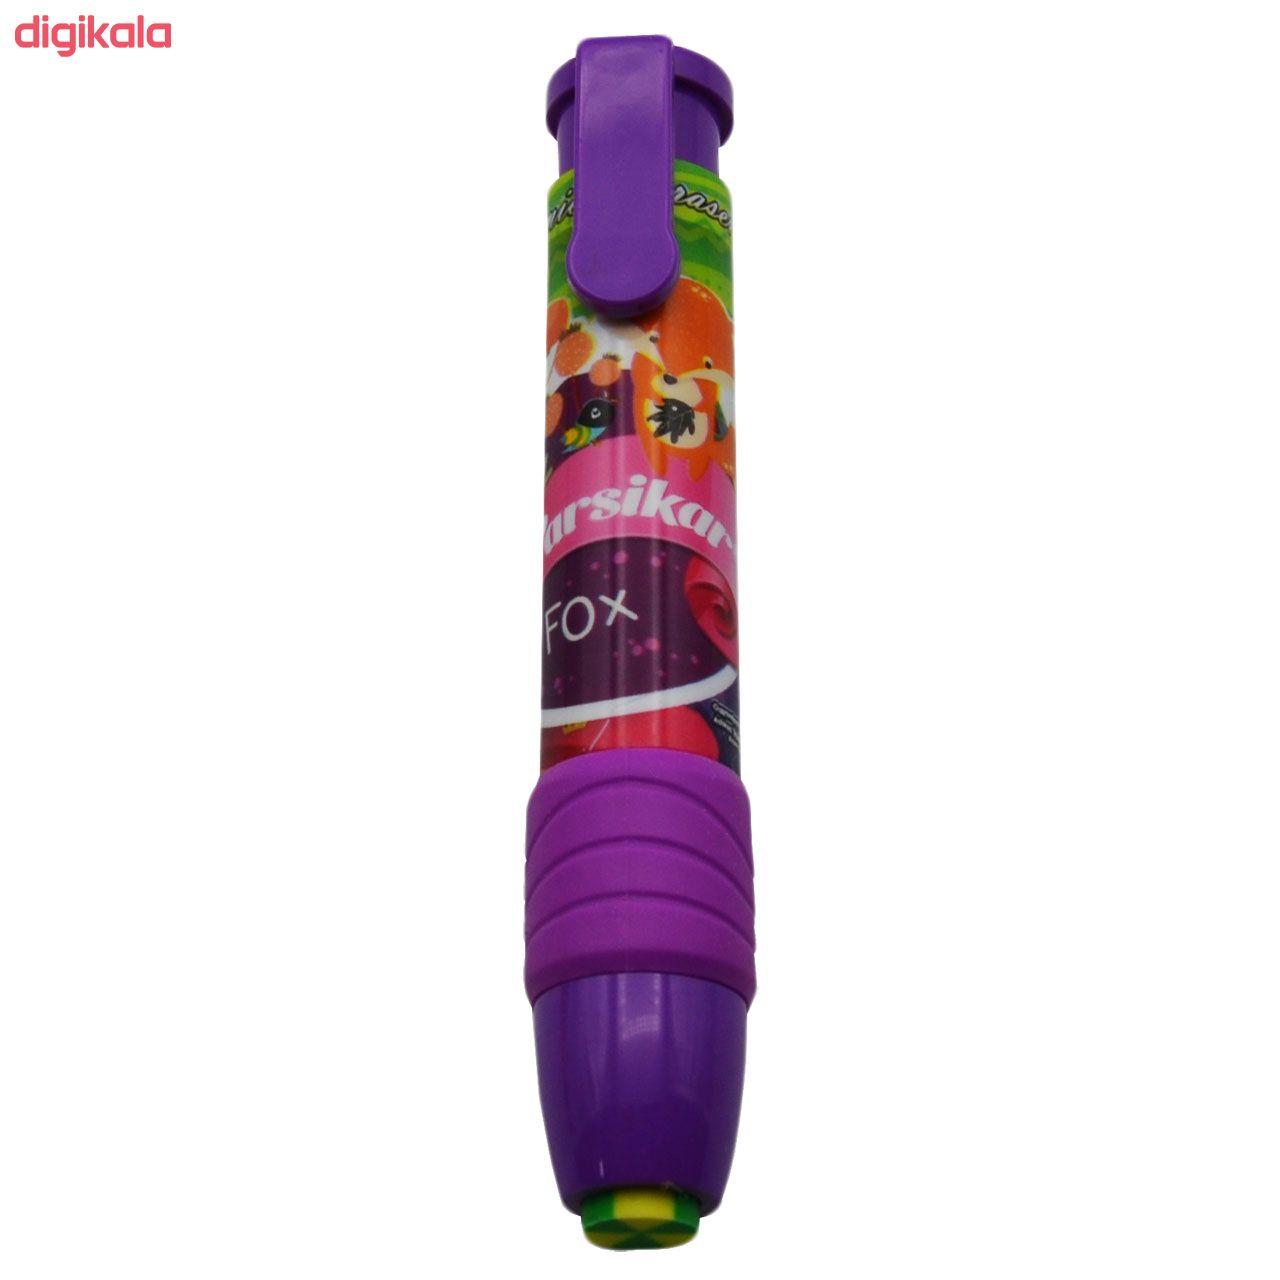 پاک کن مدادی پارسیکار کد 4001 main 1 1